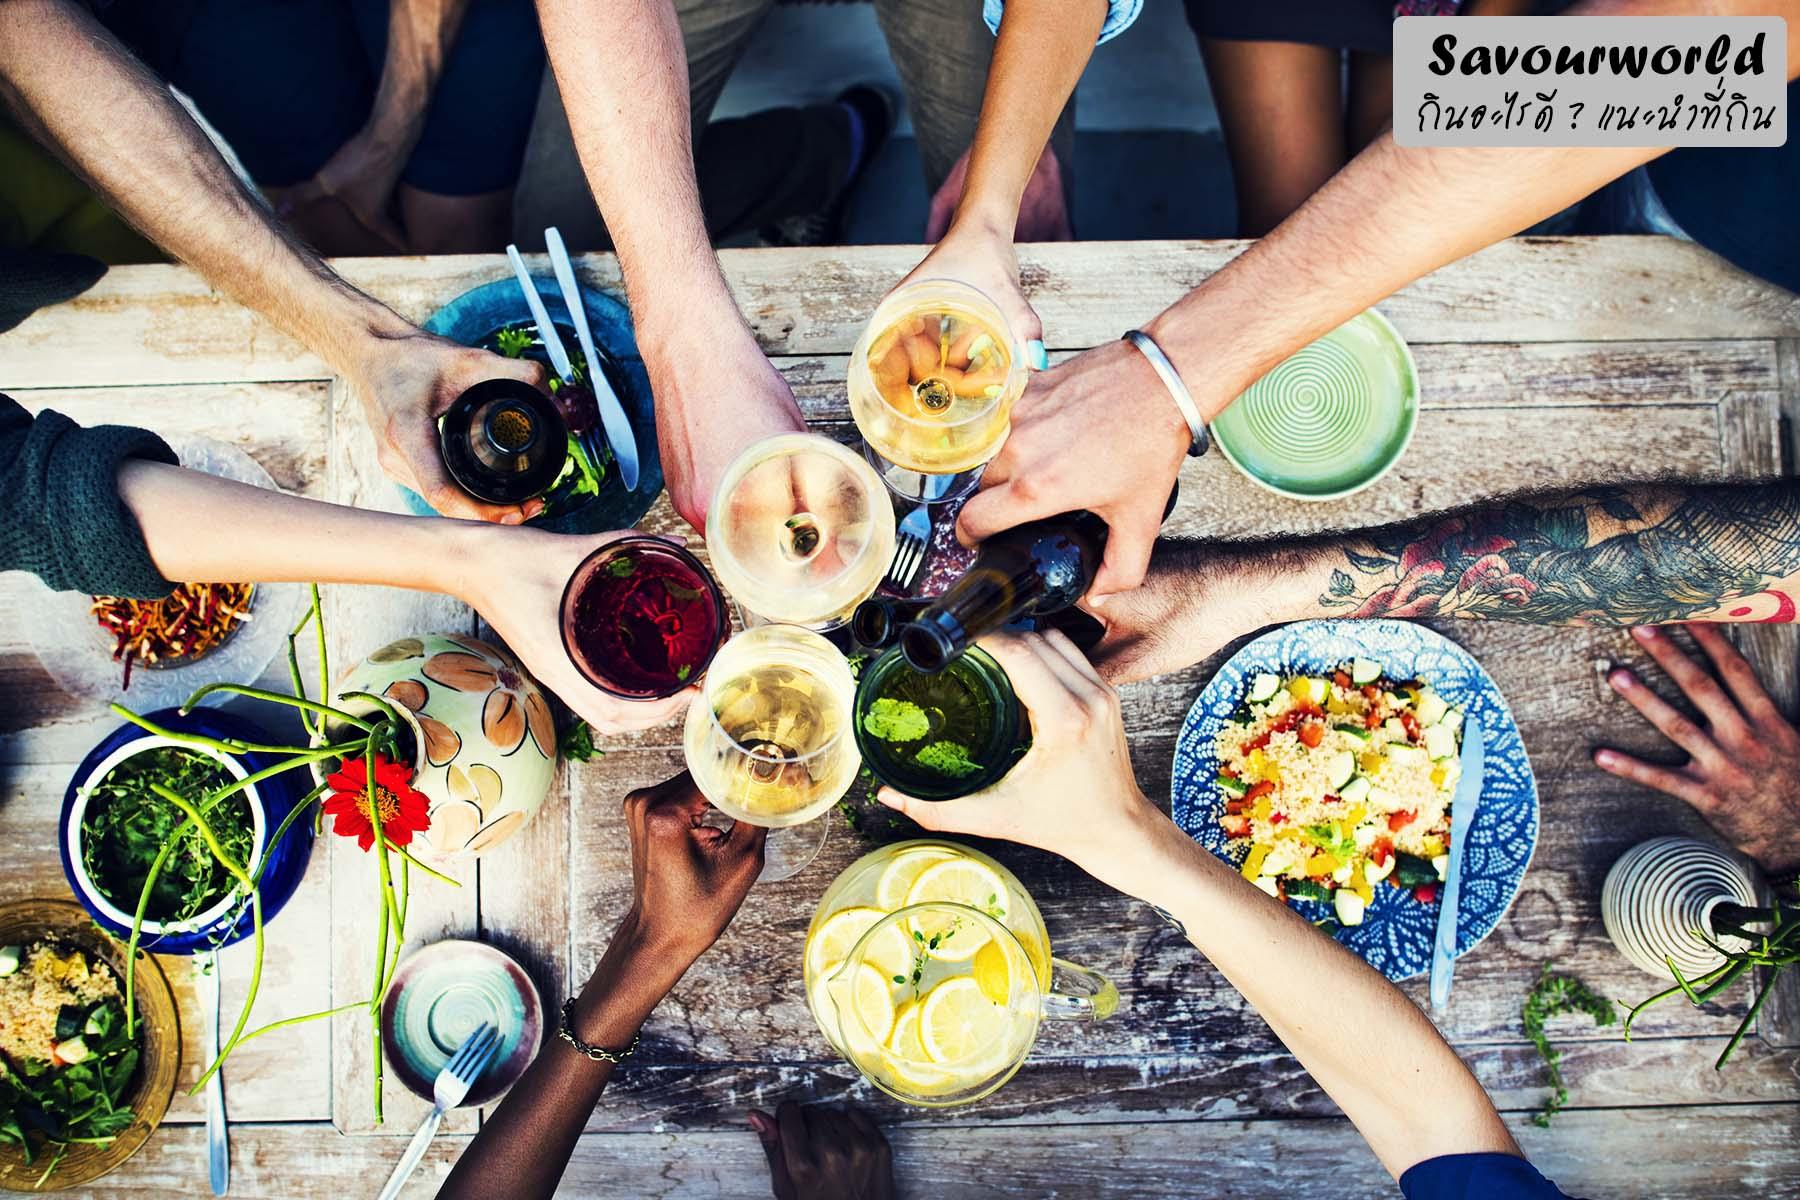 เลือกทานอย่างไรเพื่อสุขภาพที่ดี - savourworld.com